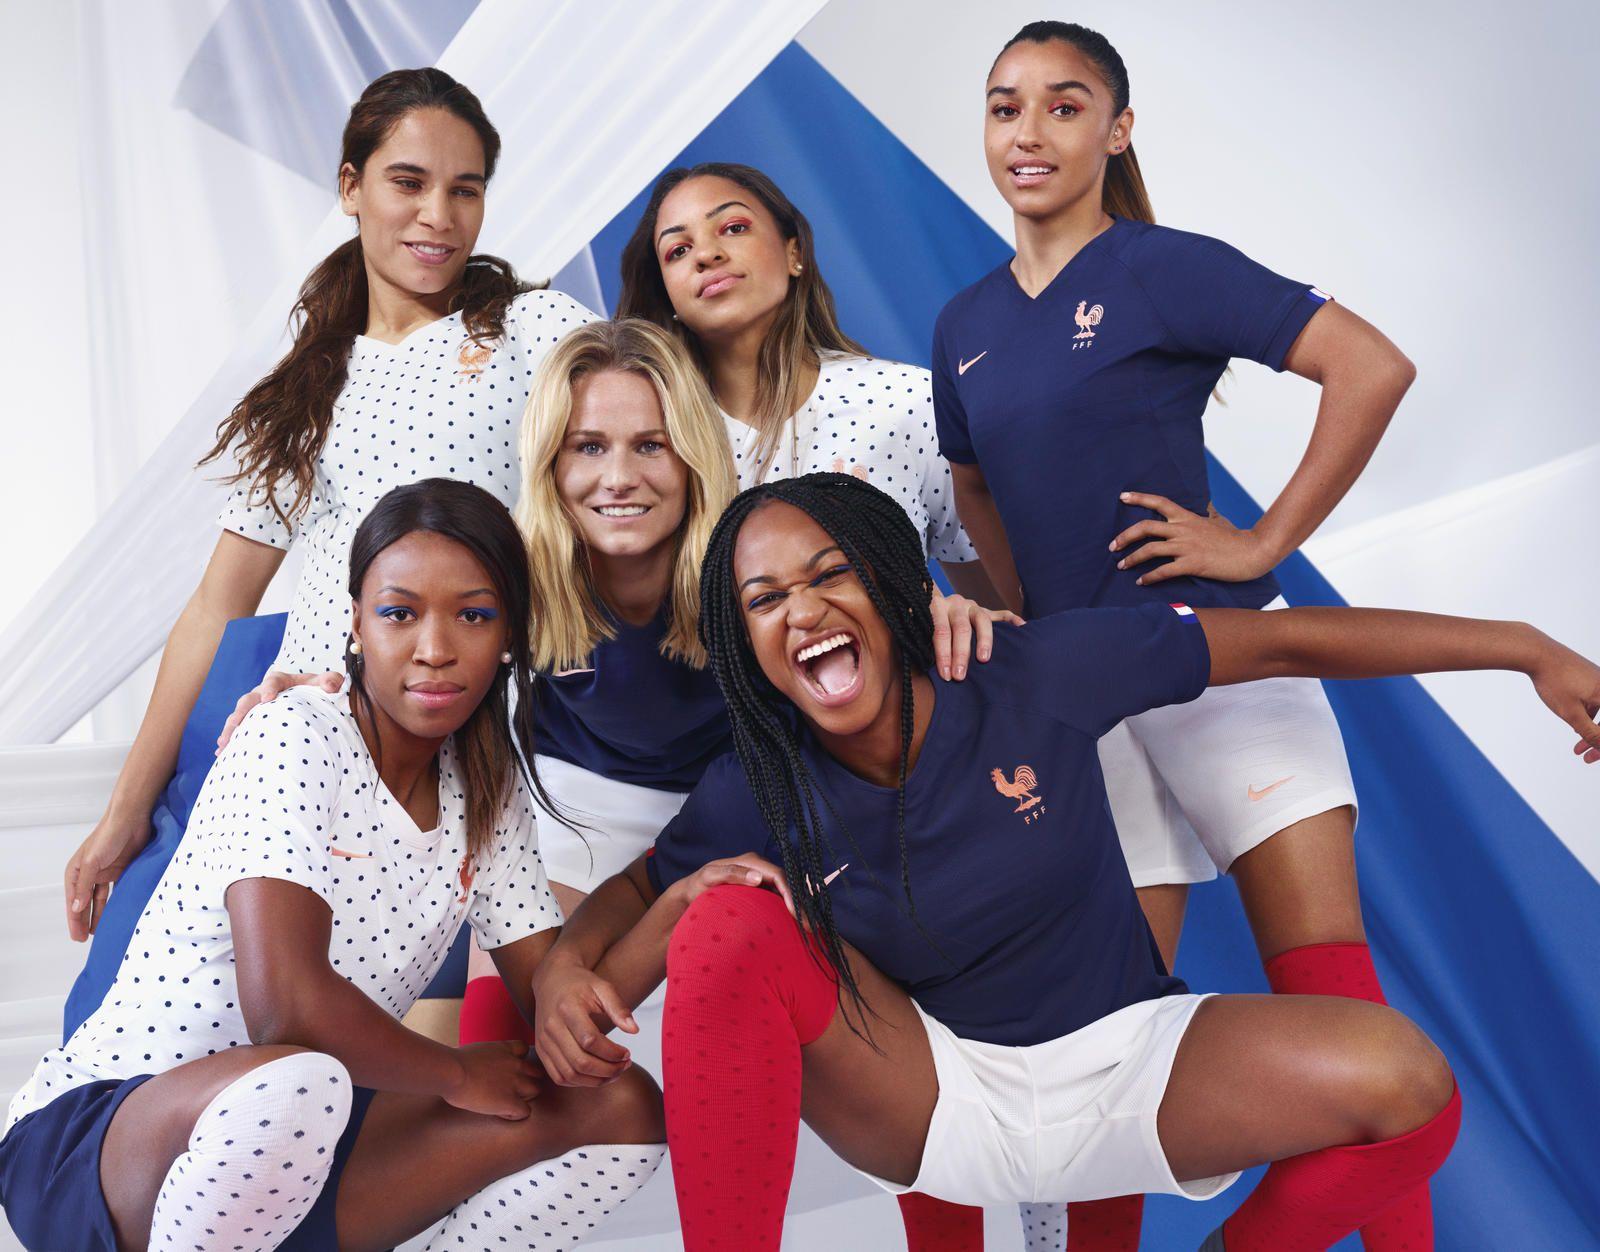 Football - Equipe de France - Mondial 2019 : du classique et du «girly» pour les nouveaux maillots des Bleues